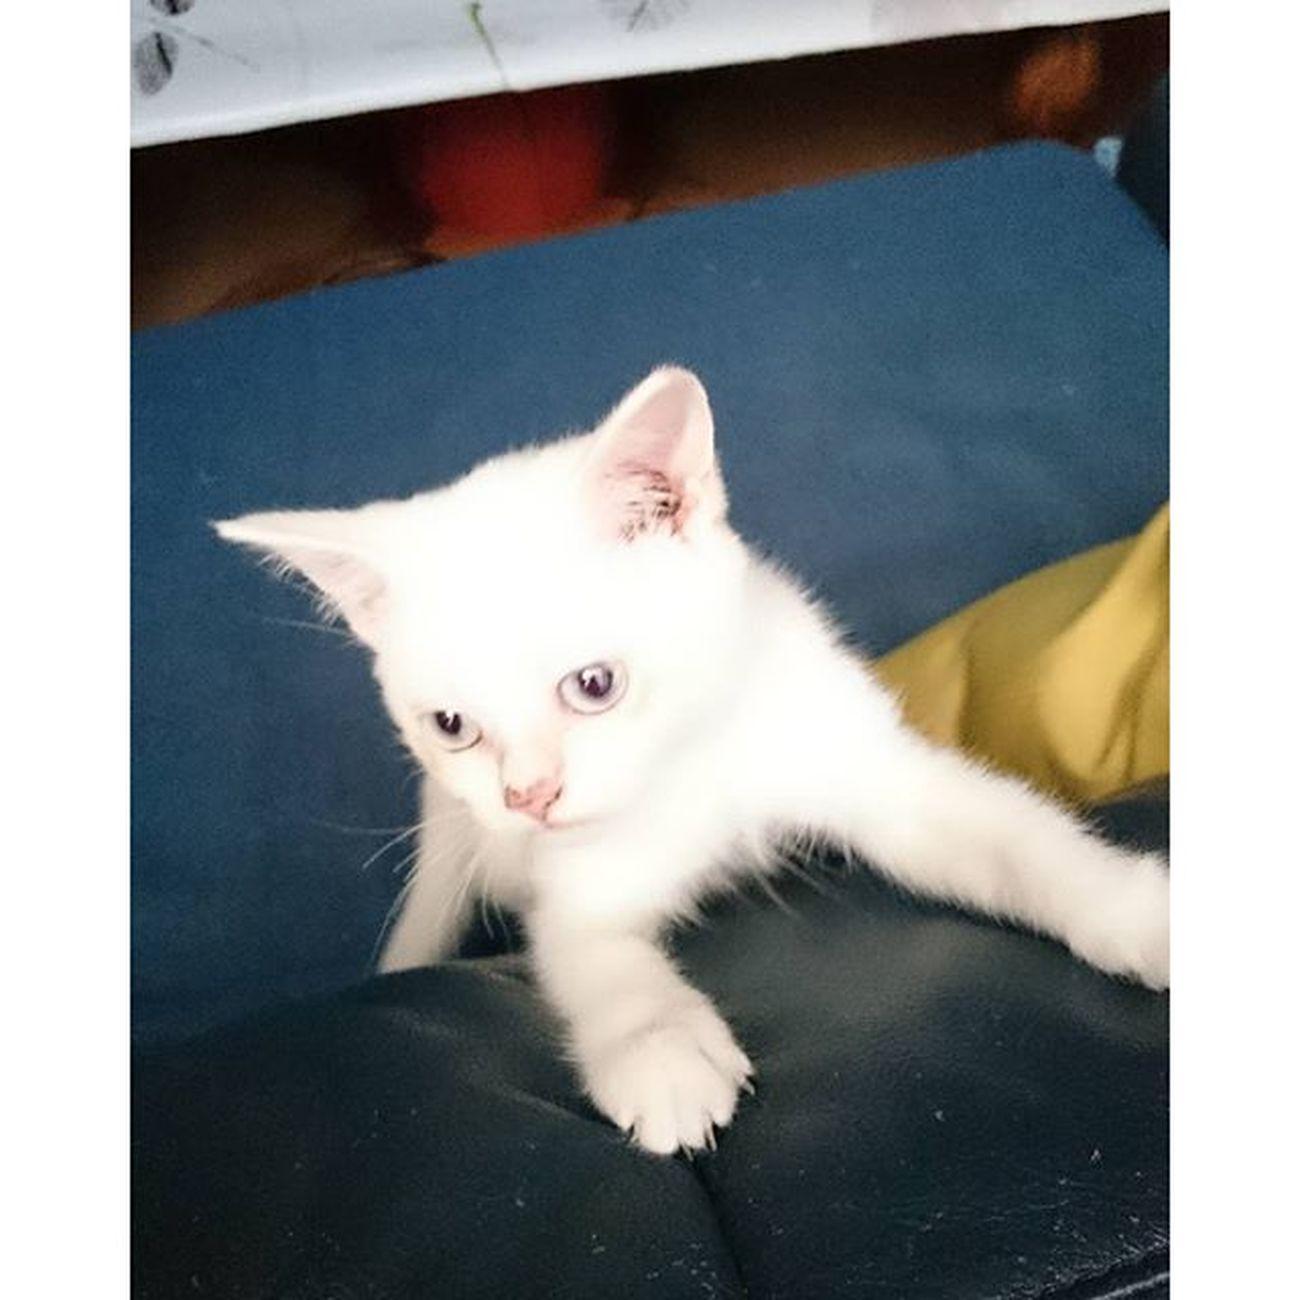 Hopi Dopi Little Cat hopewhite with blue eyesjustanamazing mix